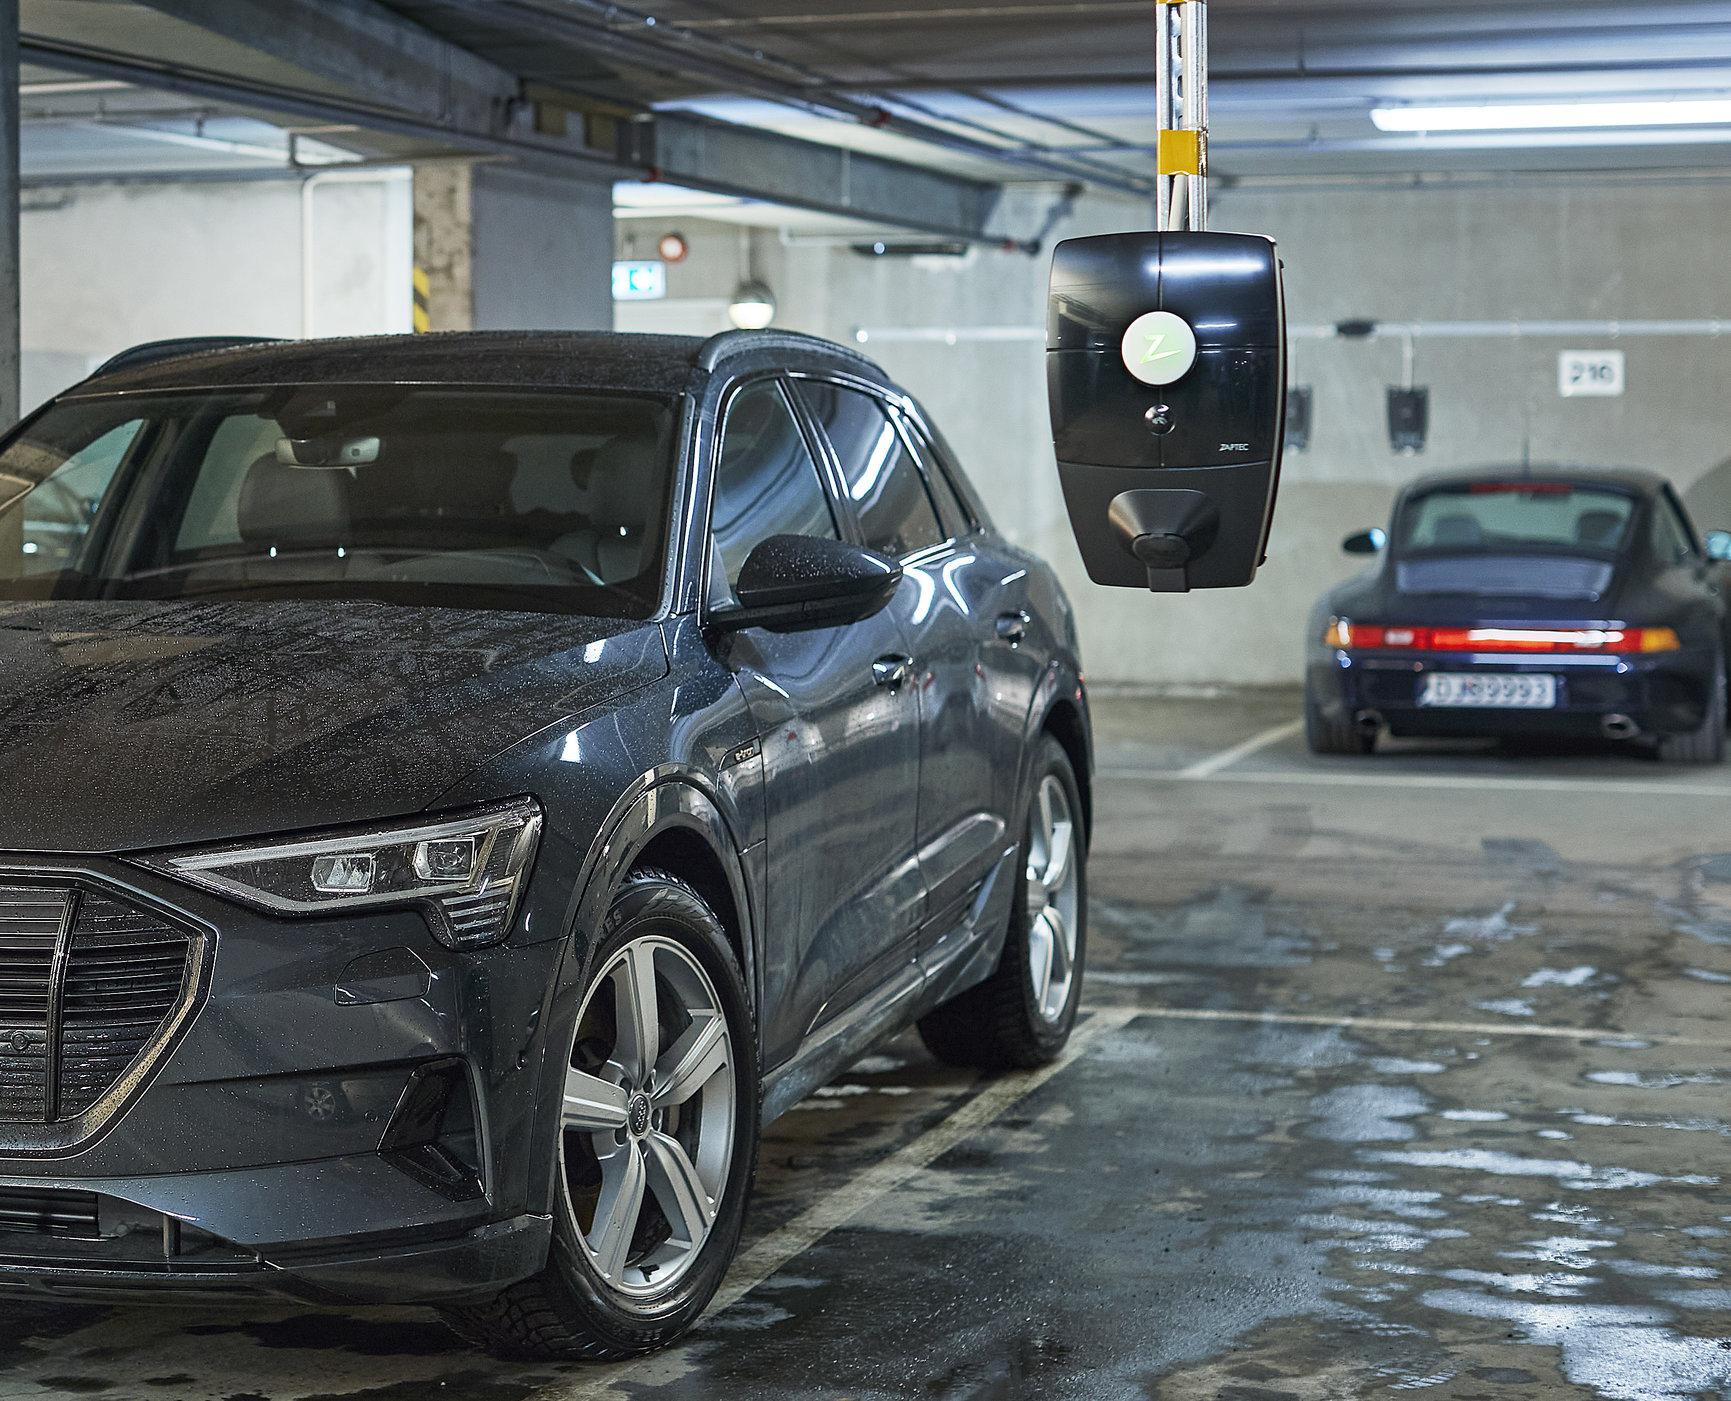 Bil som står parkert i en garasje med en elbil ladeboks fra Ladeklar